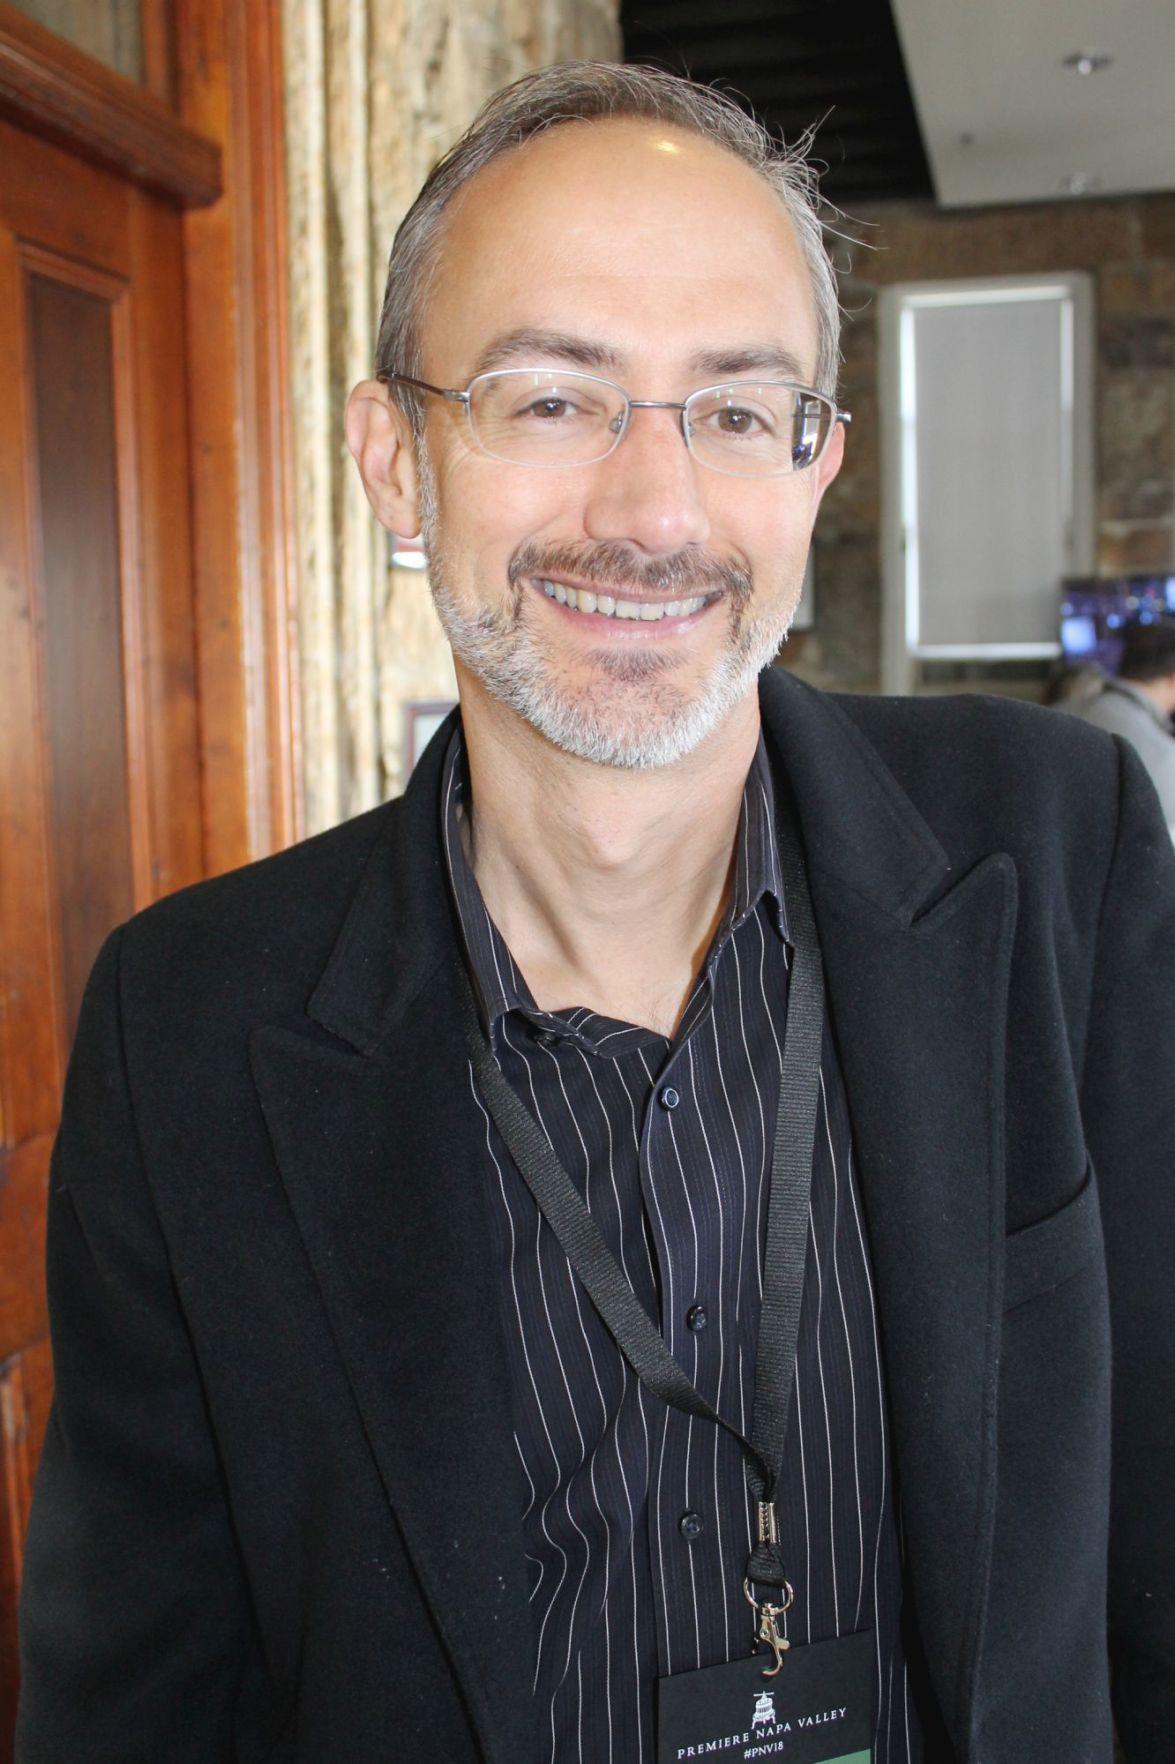 Doug Boeschen